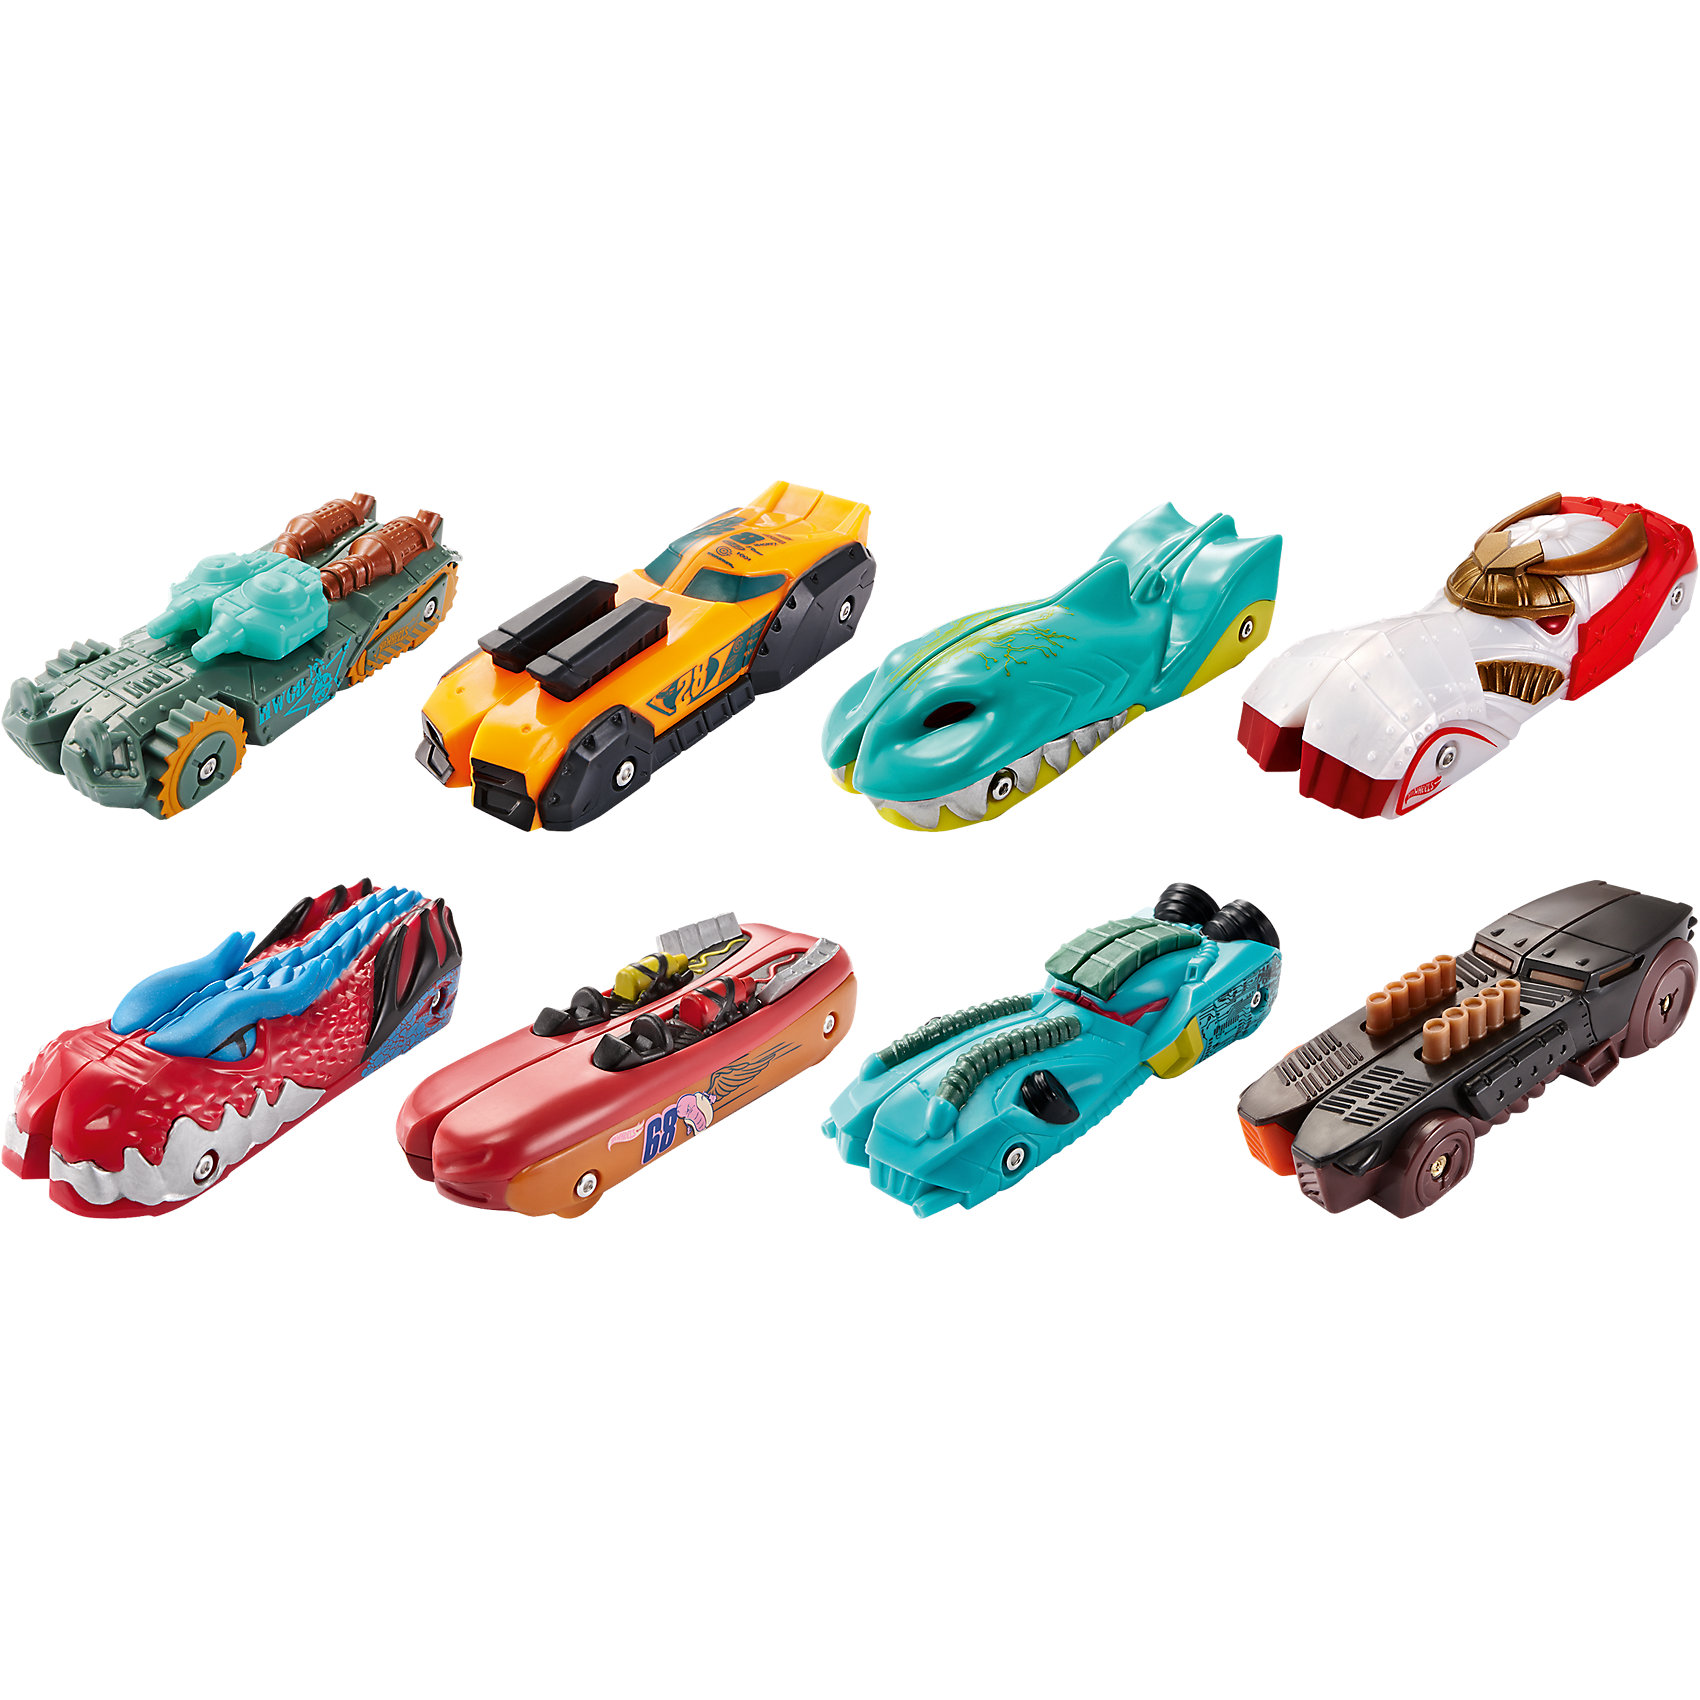 Mattel Машинки Разделяющиеся гонщики, в ассортименте, Hot Wheels hot wheels dhy27 трасса для разделяющих гонщиков split speeders blade raid